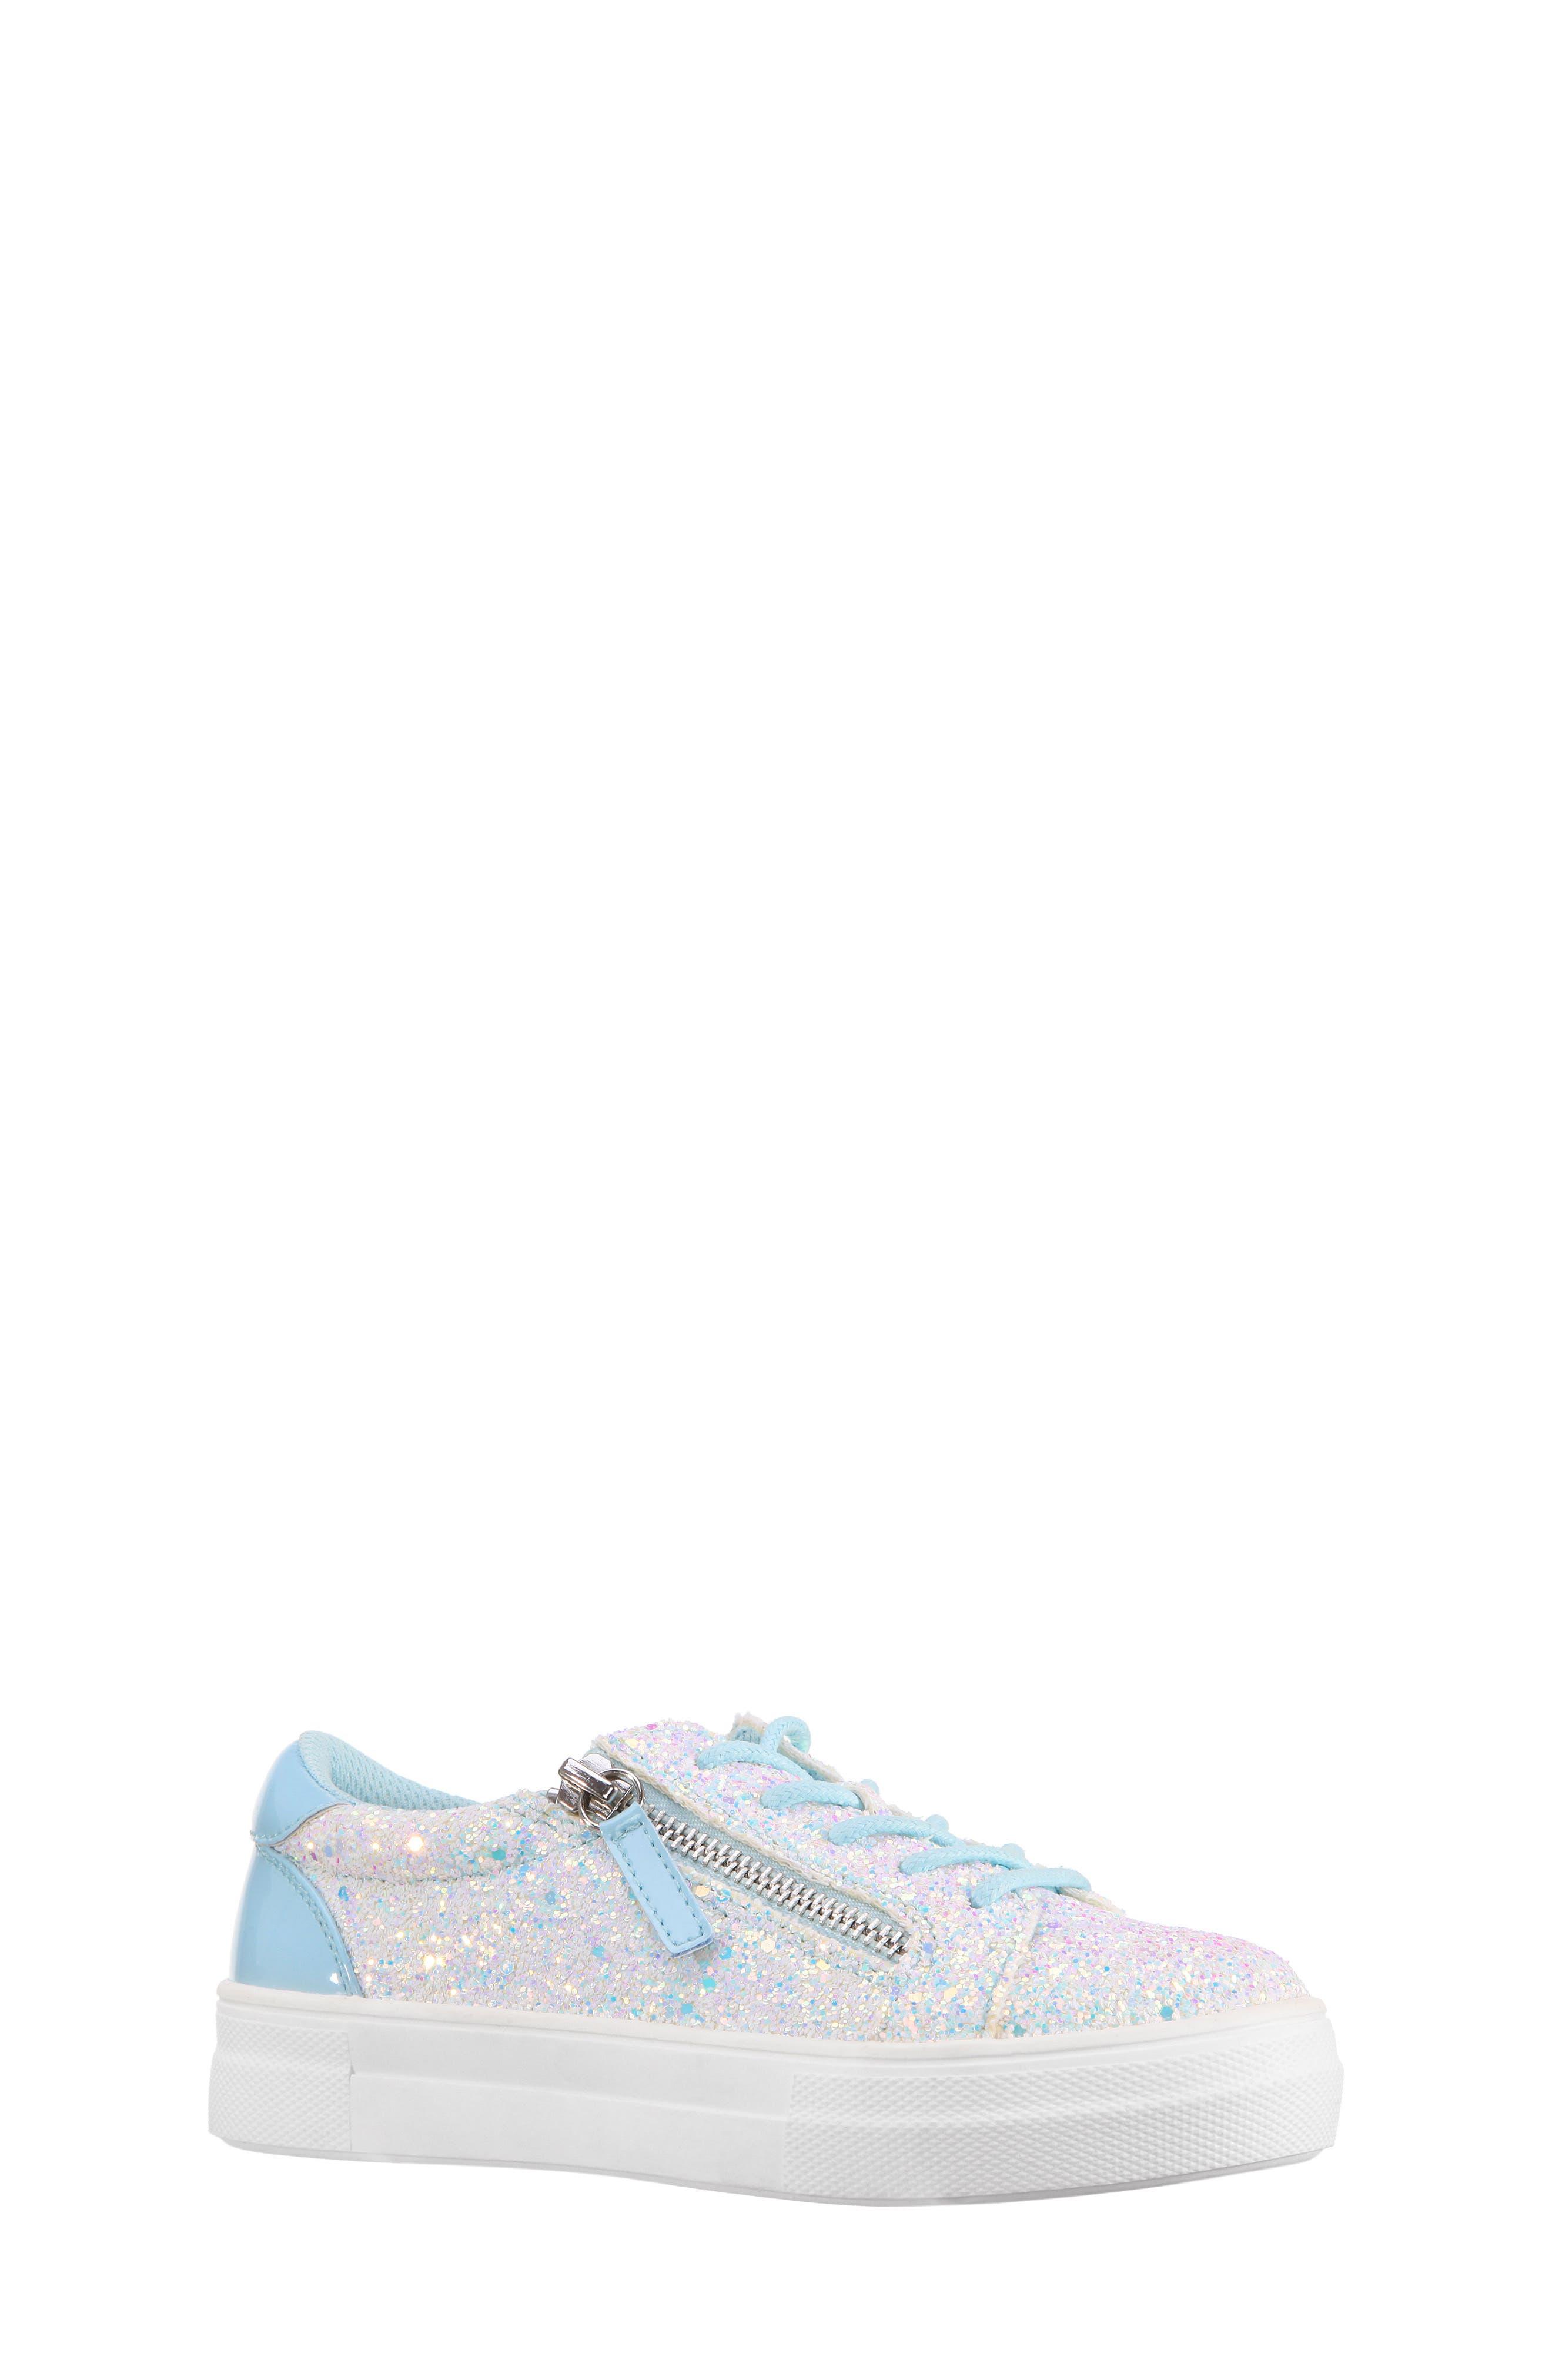 Alternate Image 1 Selected - Nina Jennalyn Glitter Sneaker (Toddler, Little Kid & Big Kid)